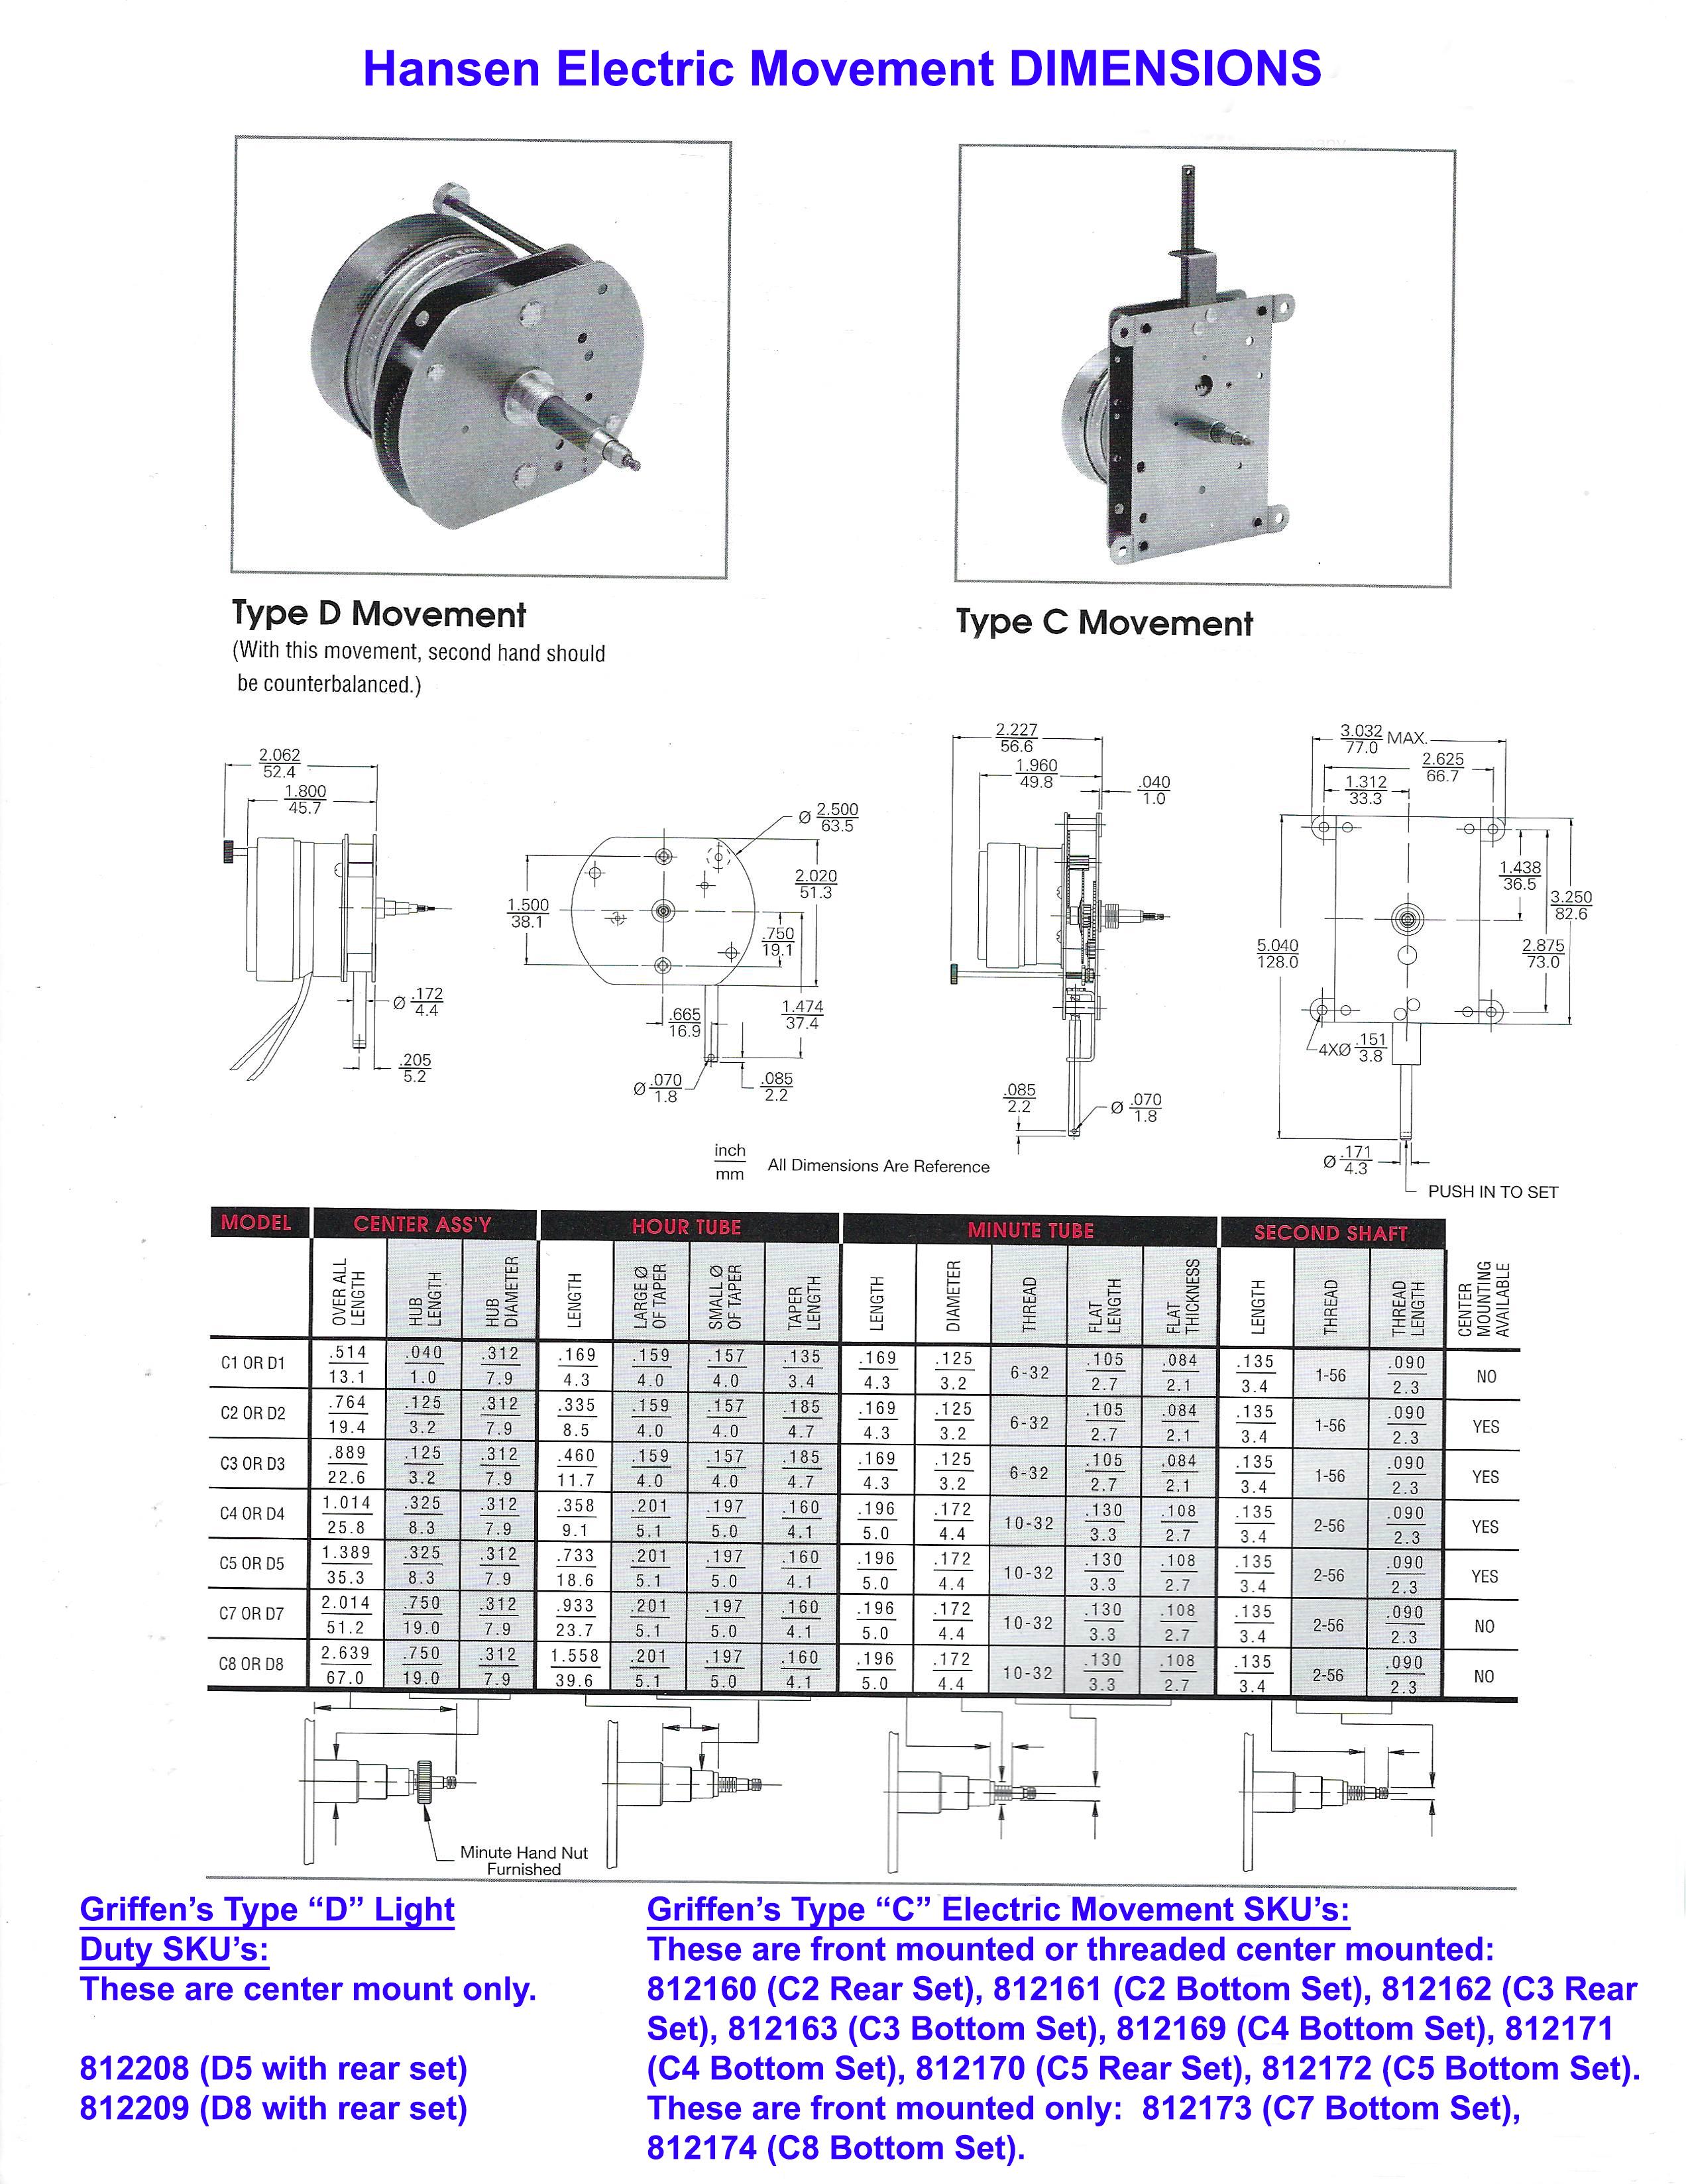 hansen-mov-dimensions.jpg